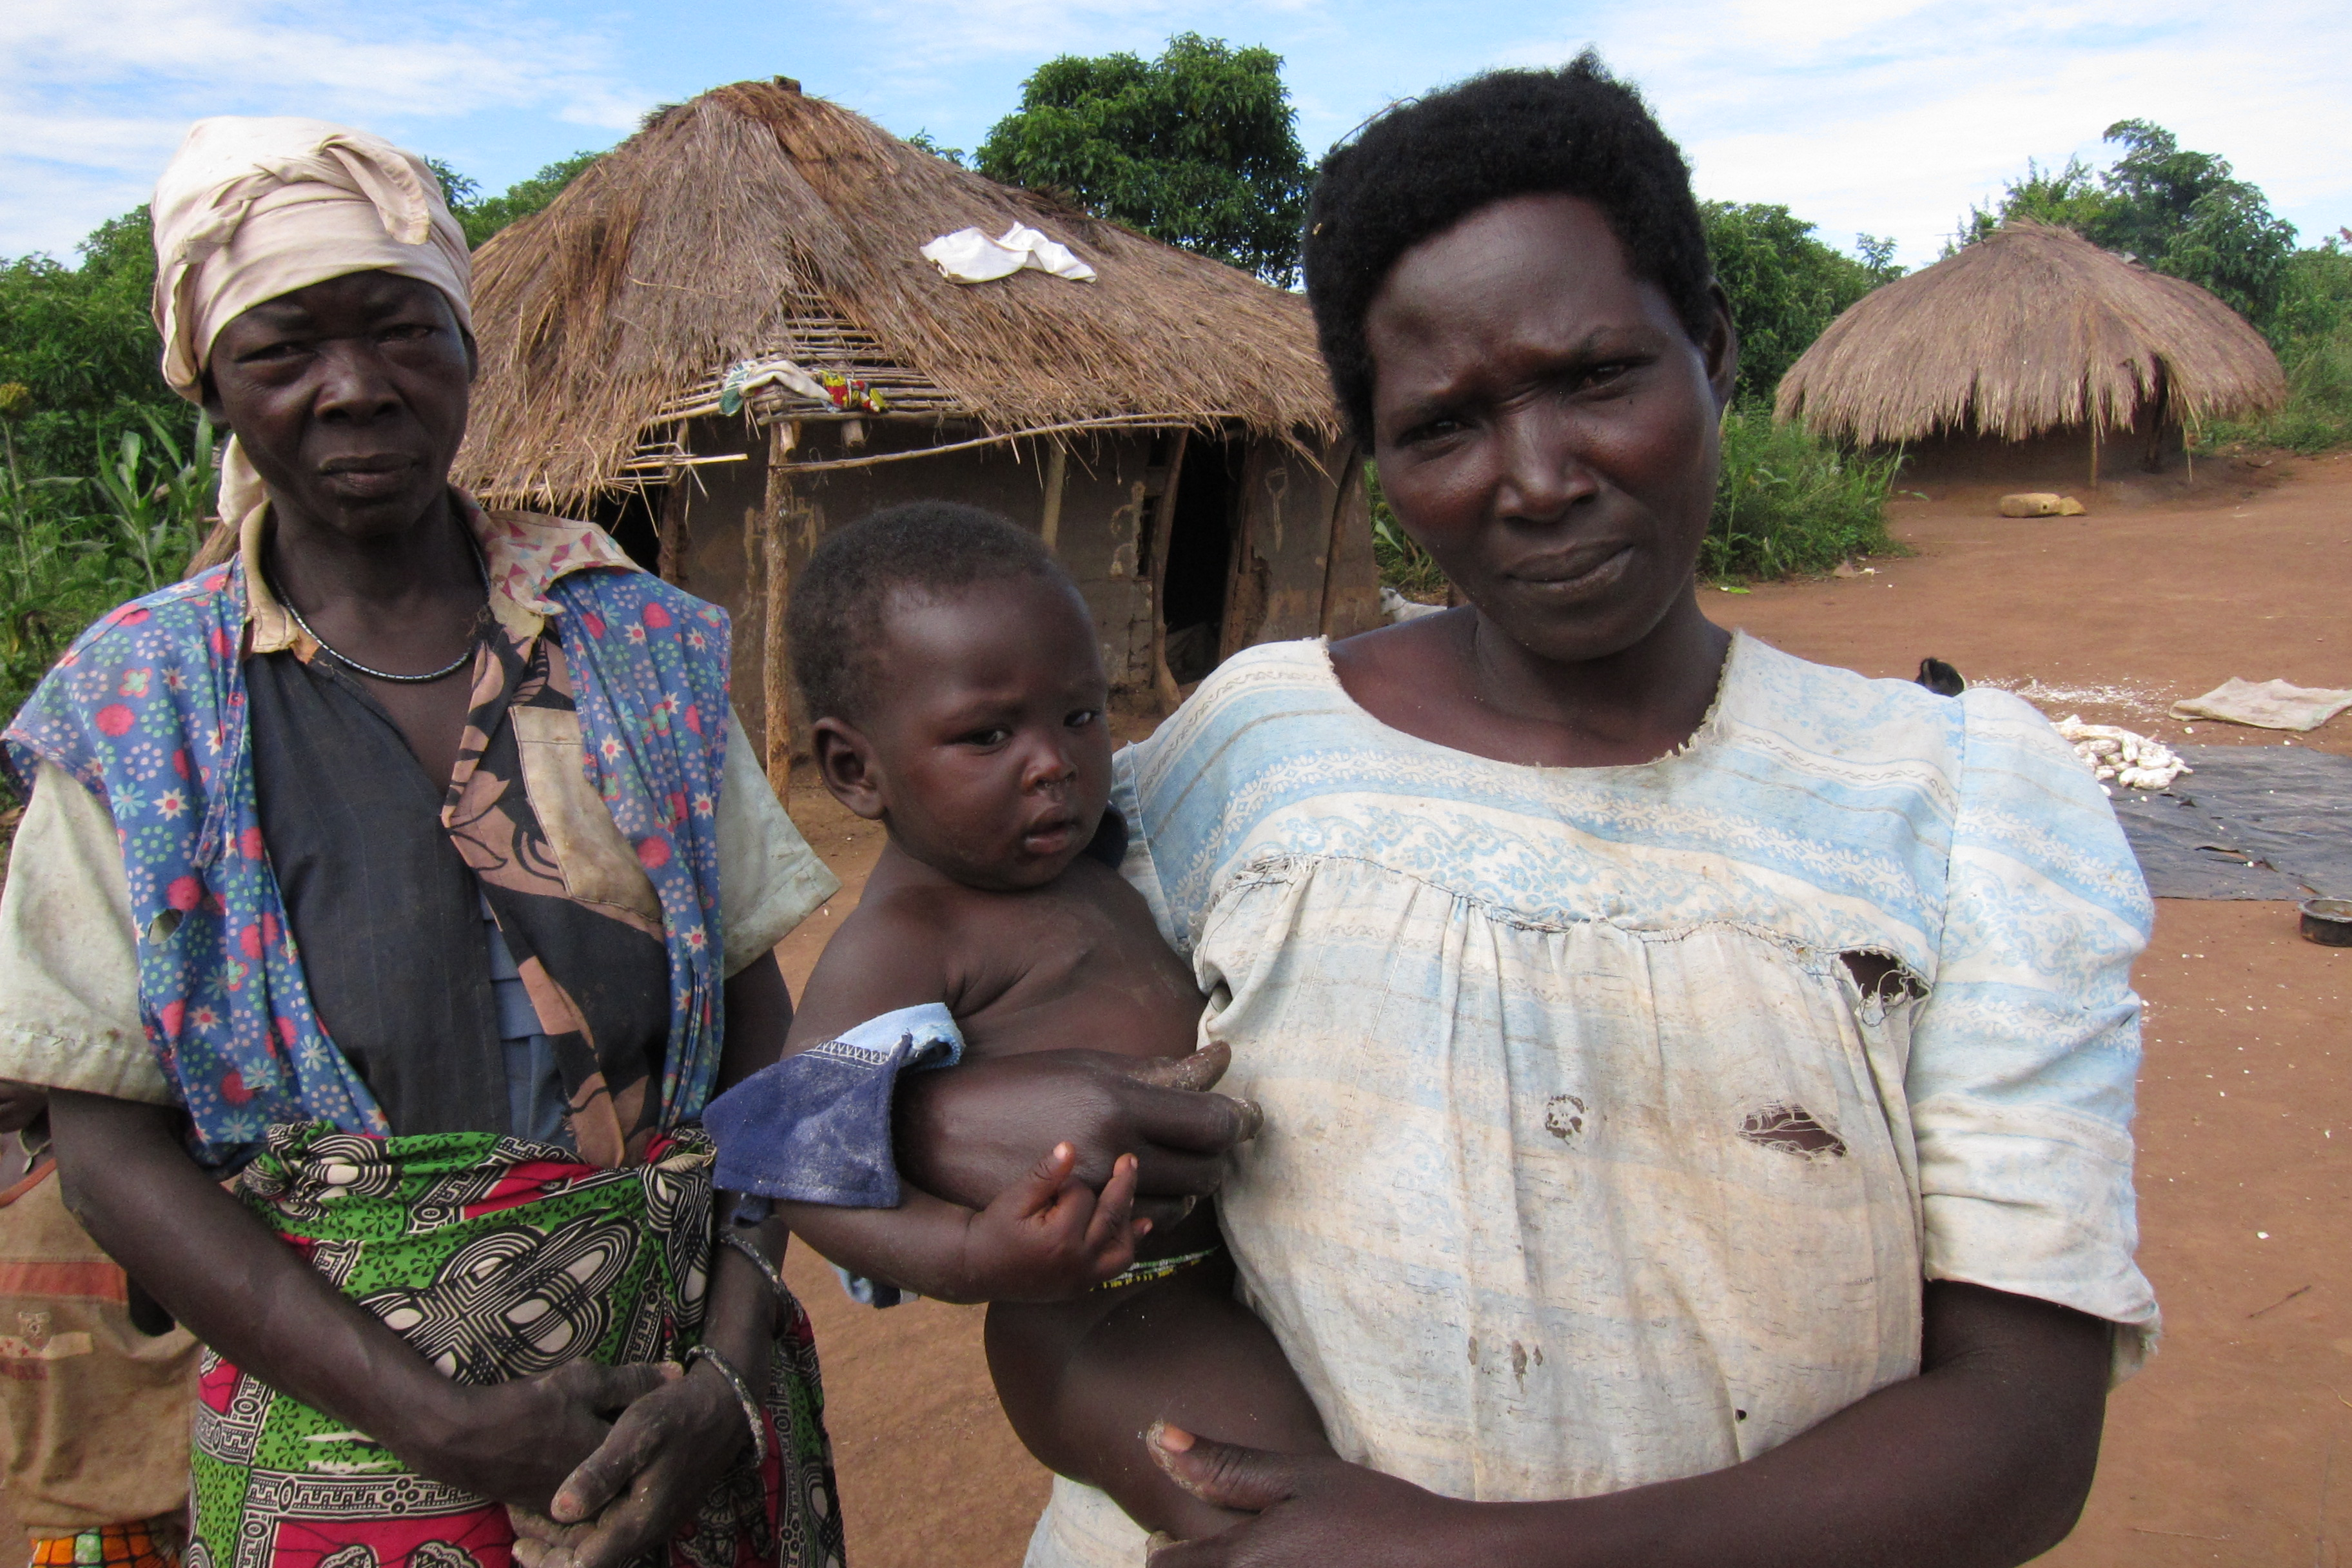 Dn i uganda musevenis langa ledarskap hotat